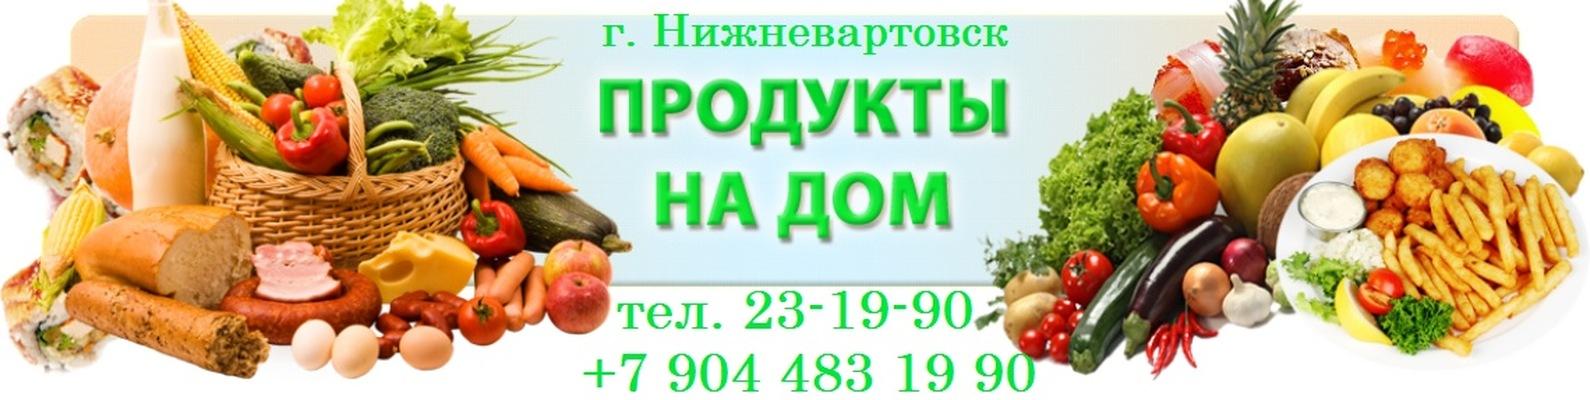 Букеты, доставка еды и цветов на дом новосибирск универсам